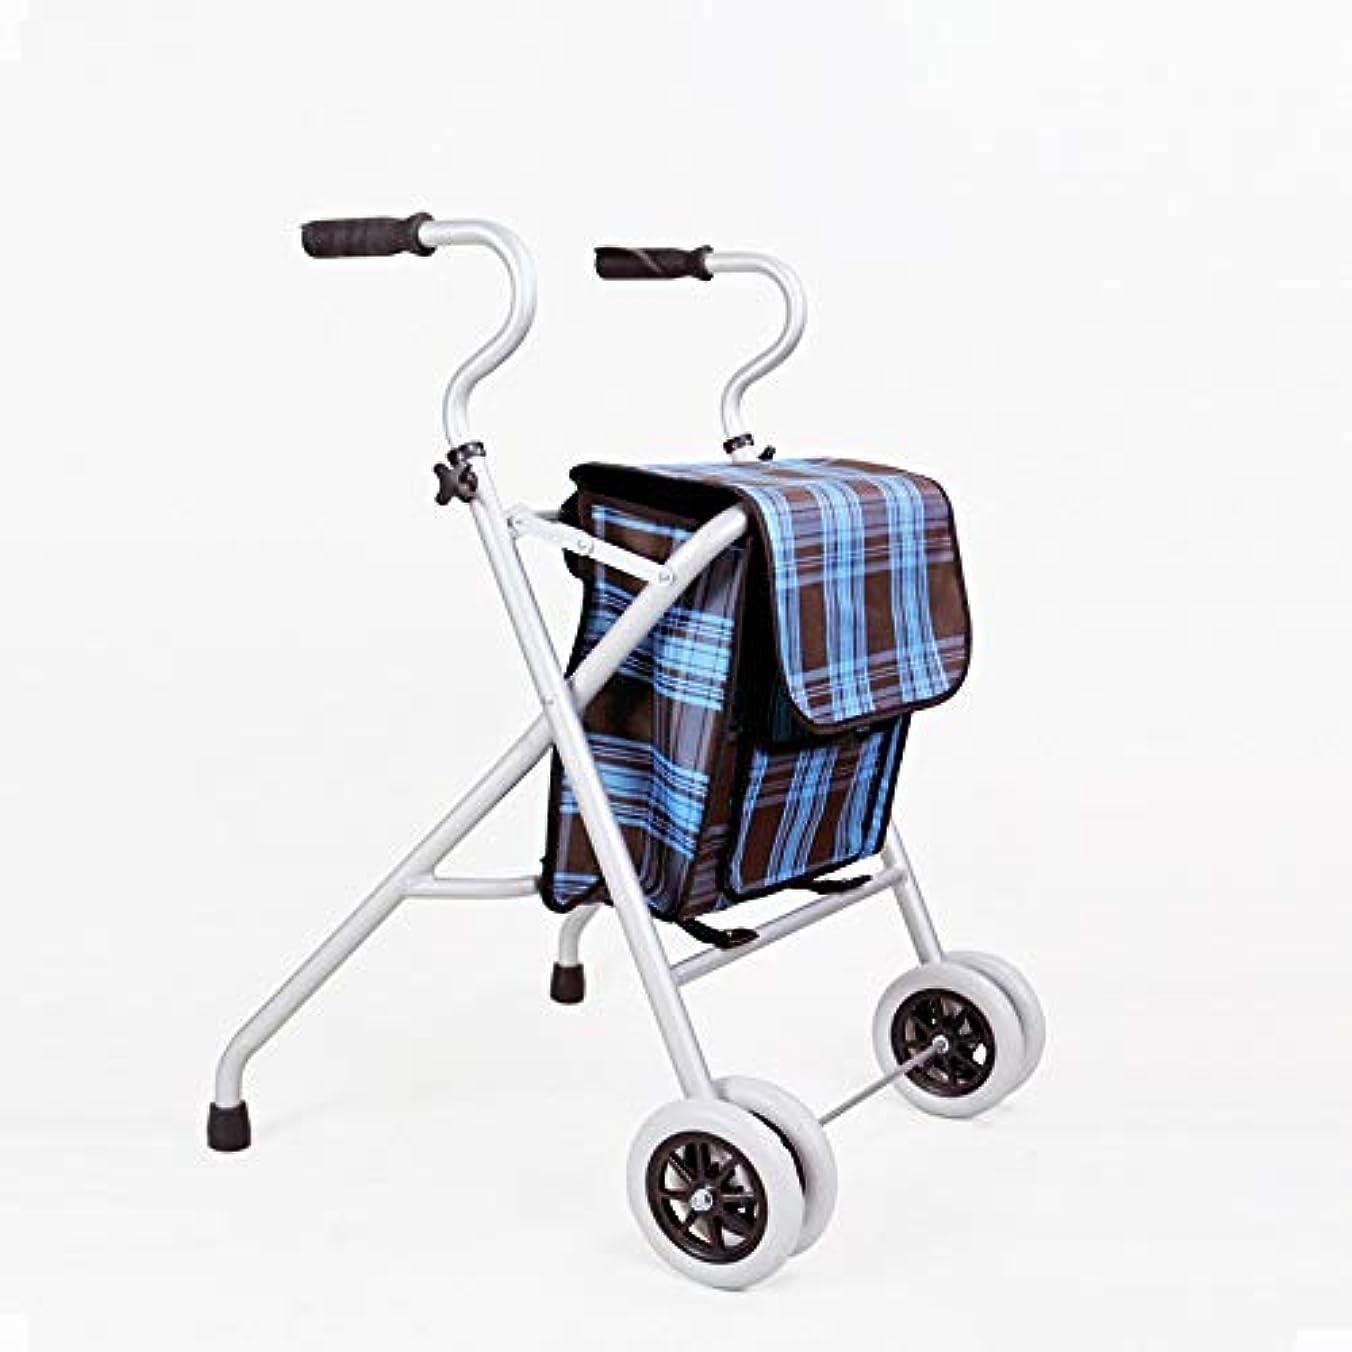 ヒロインのど毛布キャリーバッグ付き軽量アルミニウム折りたたみ式歩行器、高さ調節可能、移動補助具